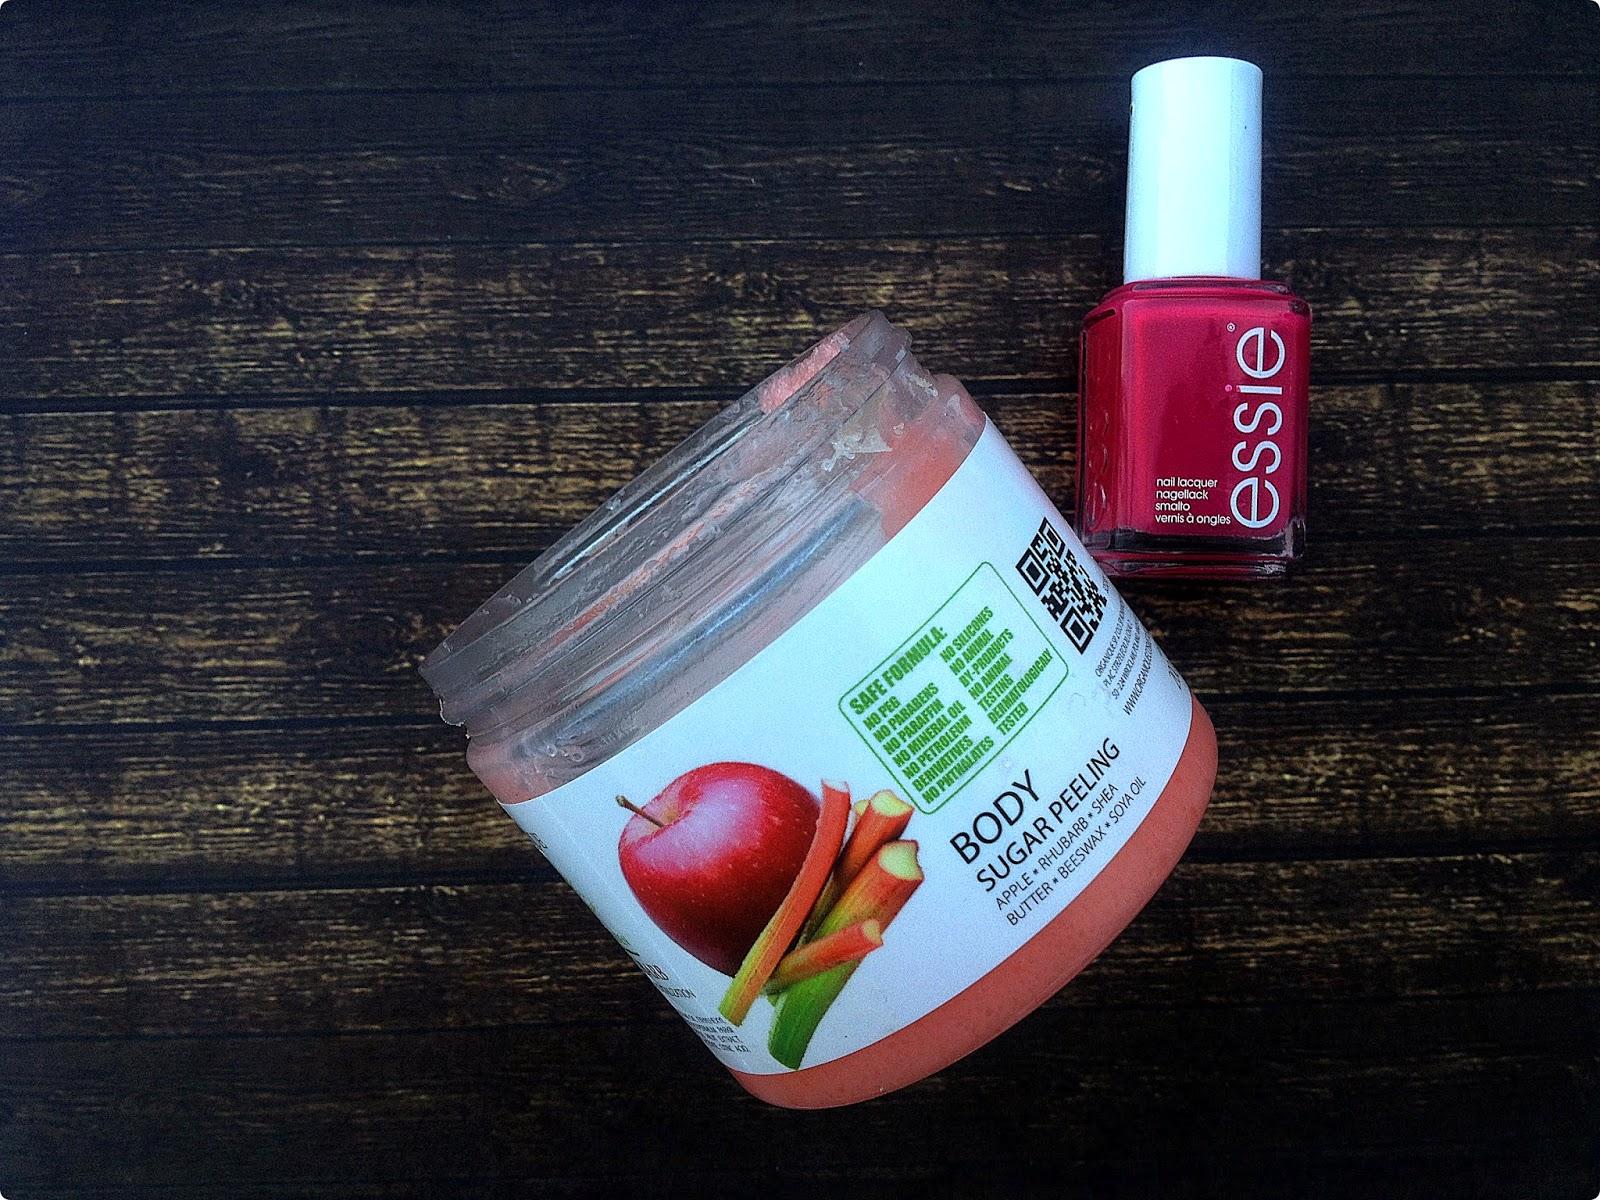 Ulubieńcy miesiąca - Peeling cukrowy jabłko&rabarbar, Organique oraz Watermelon, Essie